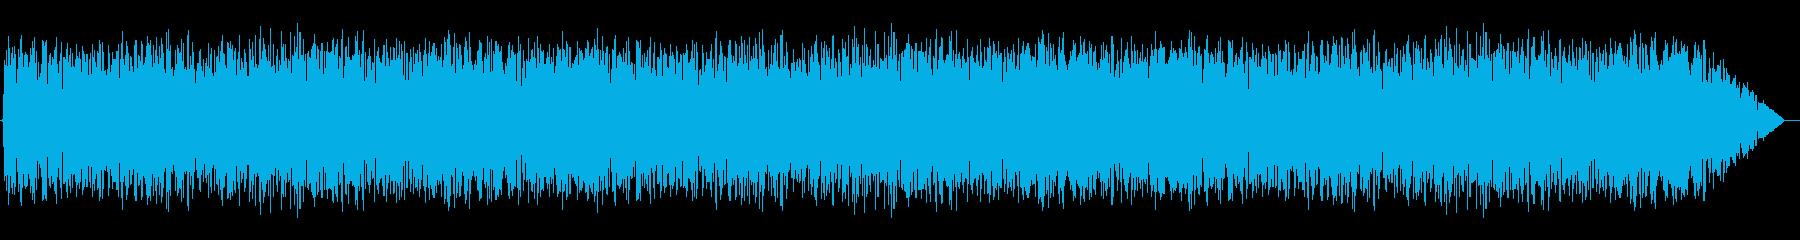 地震02の再生済みの波形